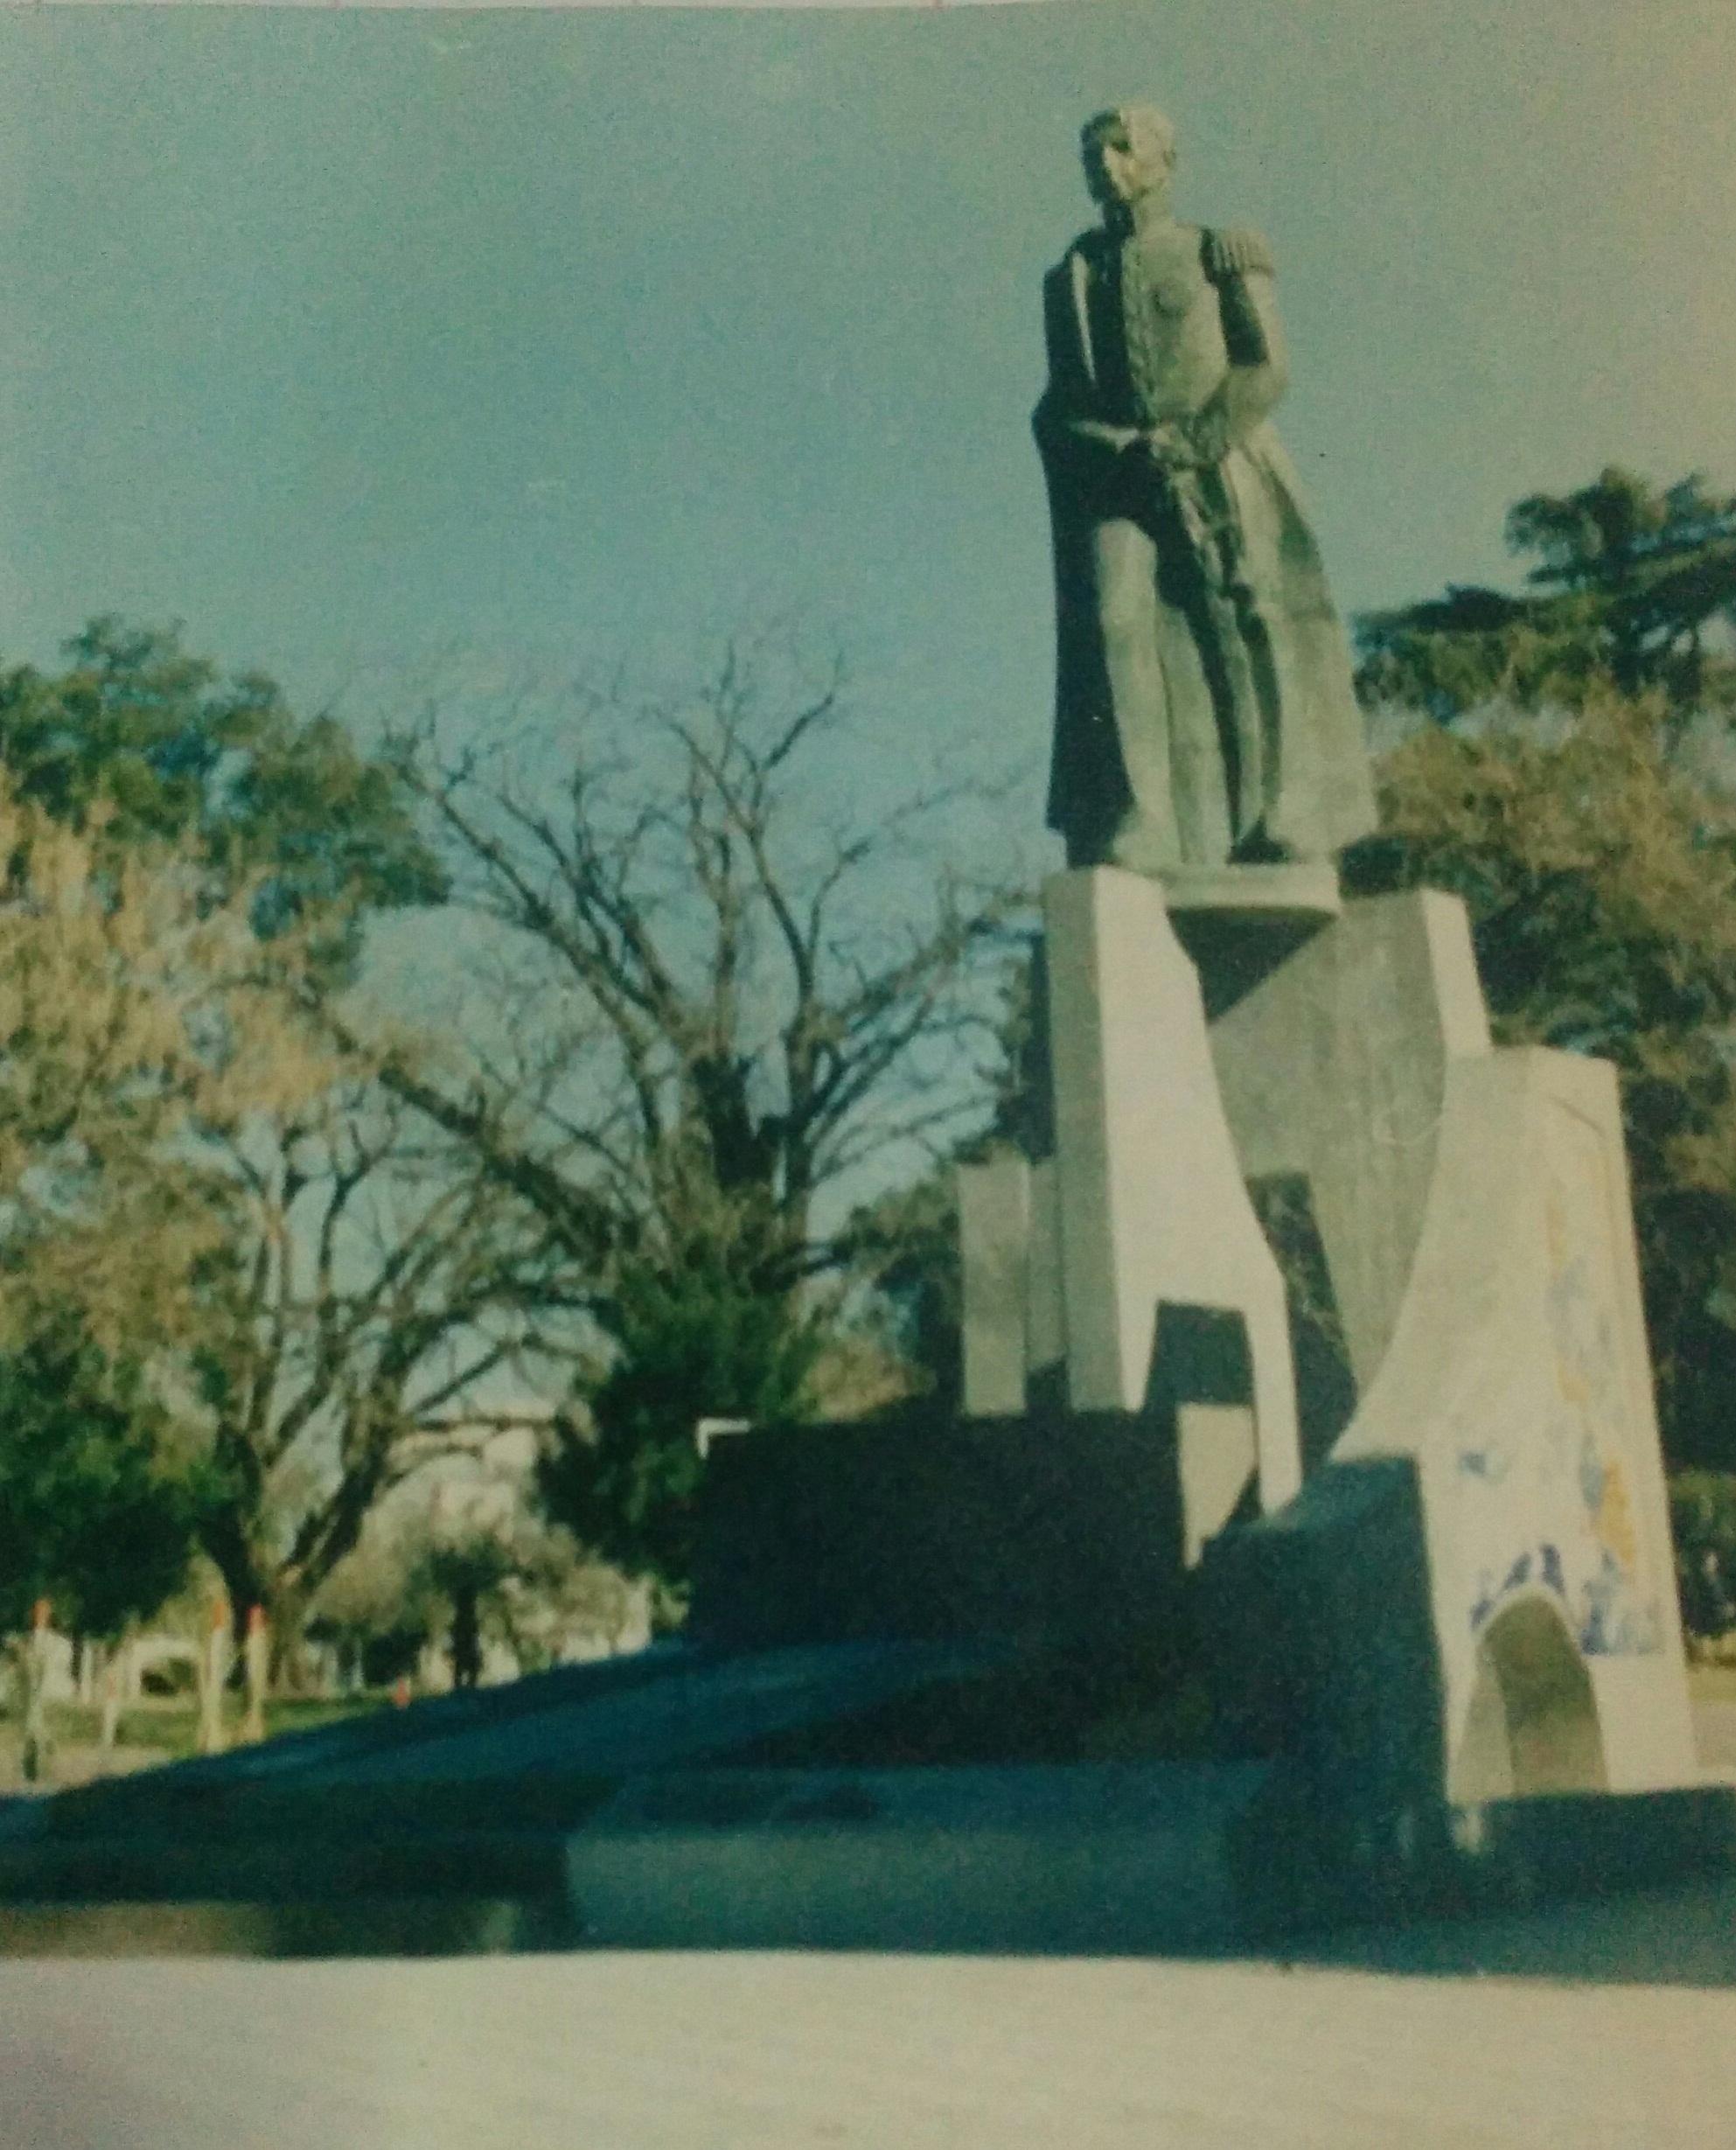 El monumento al general San Martín, en la plaza 25 de Mayo, inaugurado el 17 de agosto de 1979.